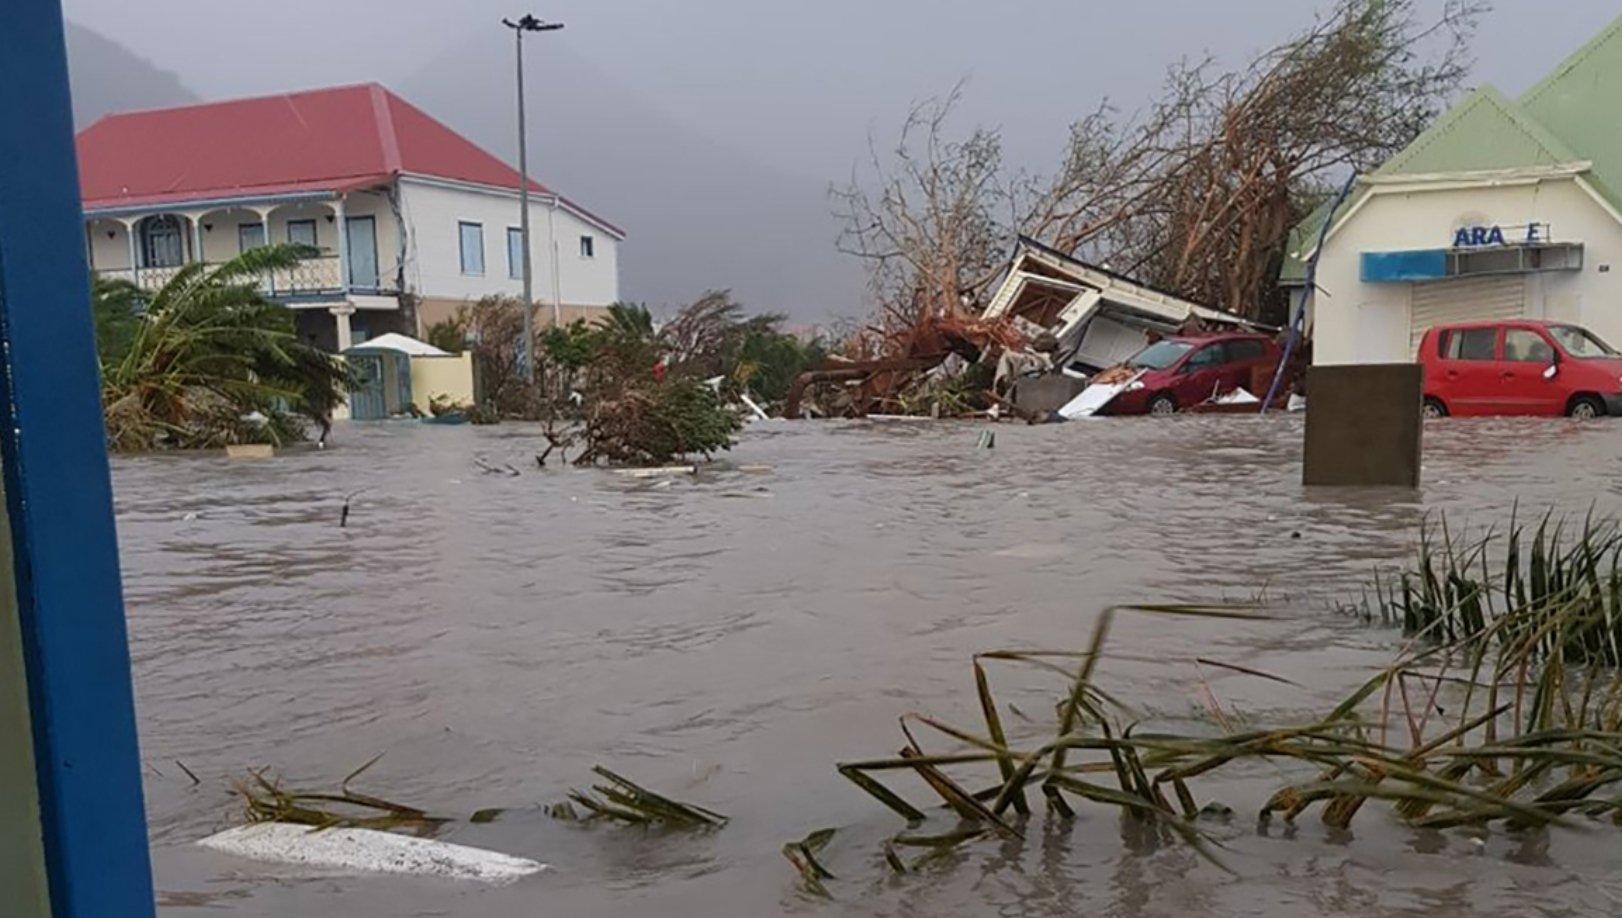 P.Rico recibe confirmación de EEUU de que la ayuda se mantendrá tras huracán